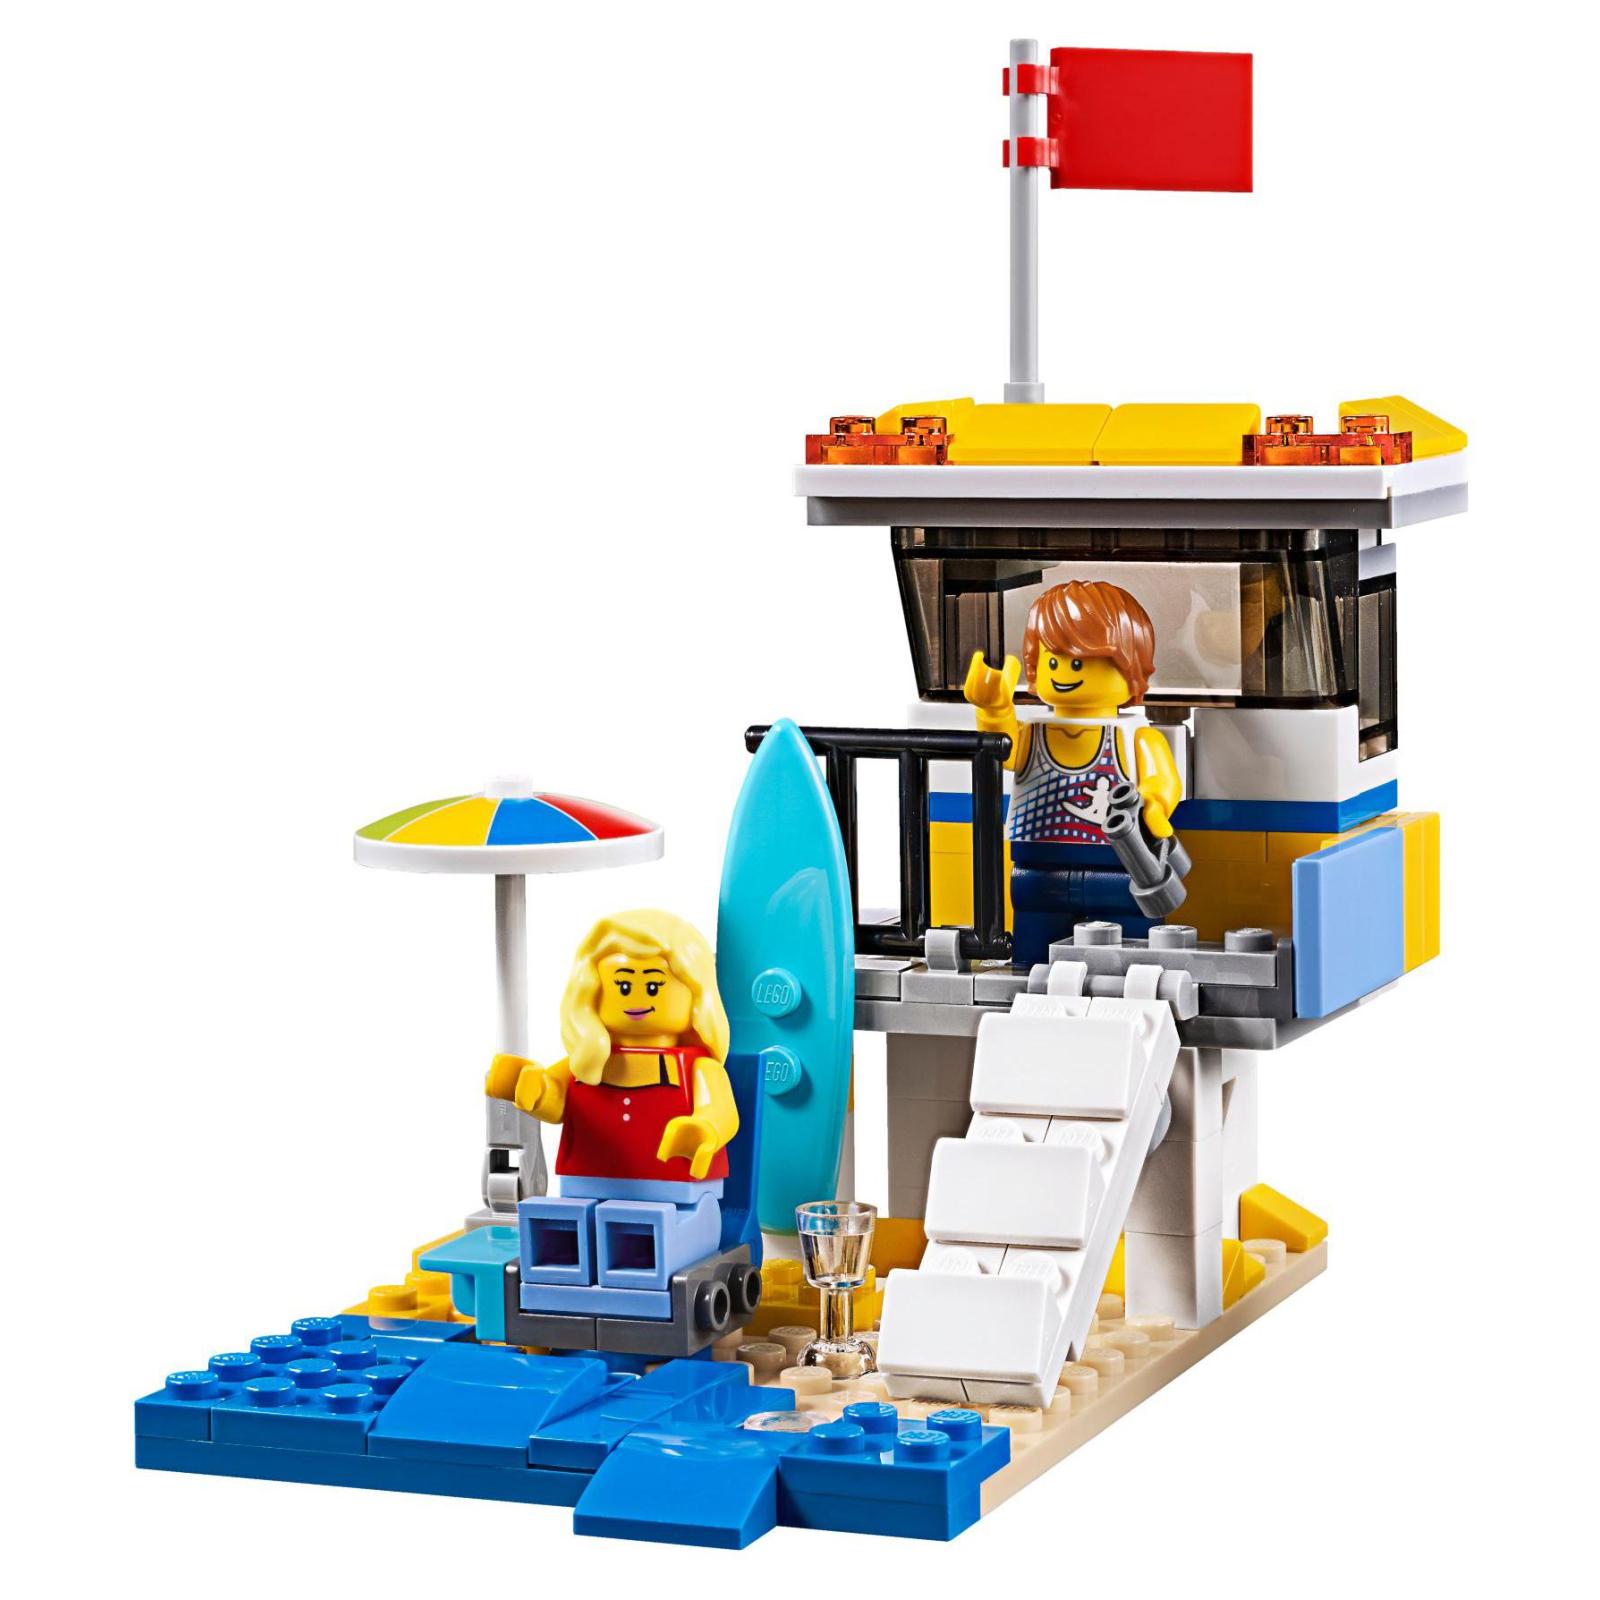 Конструктор LEGO Creator Солнечный фургон серфингиста (31079) изображение 6